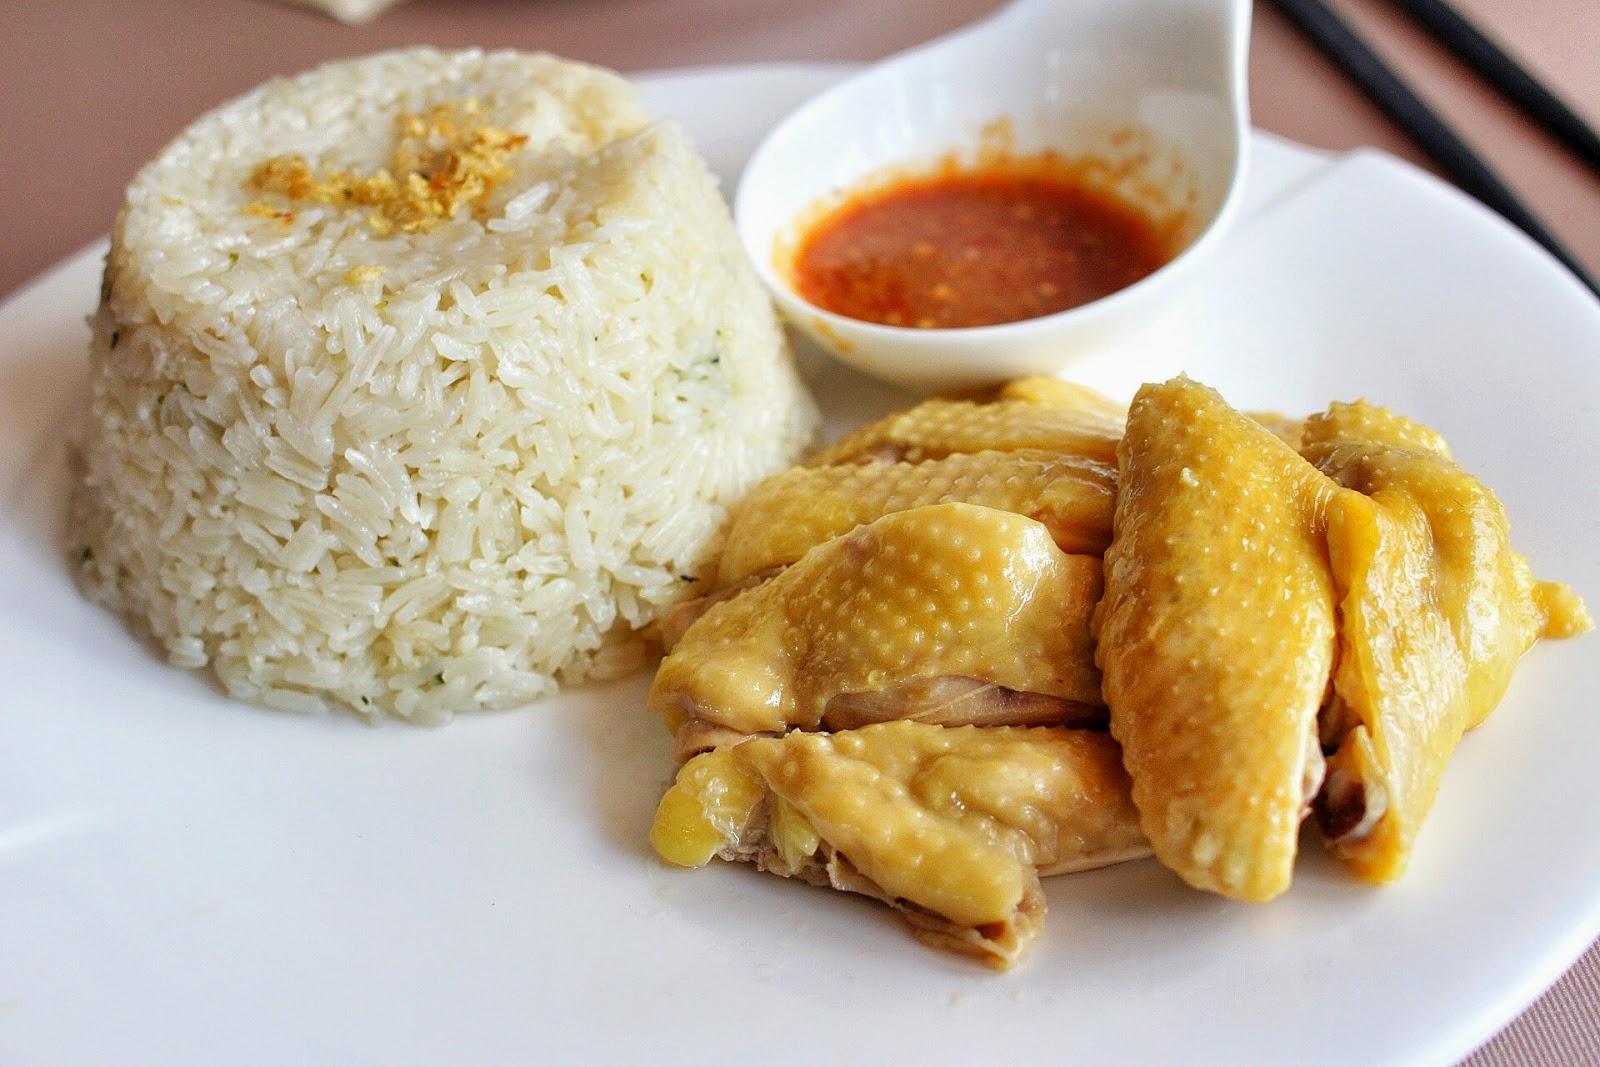 泰燒遙 Thai on 5 Seafood Grill and Bar 全新泰式下午茶 - - SeeWide